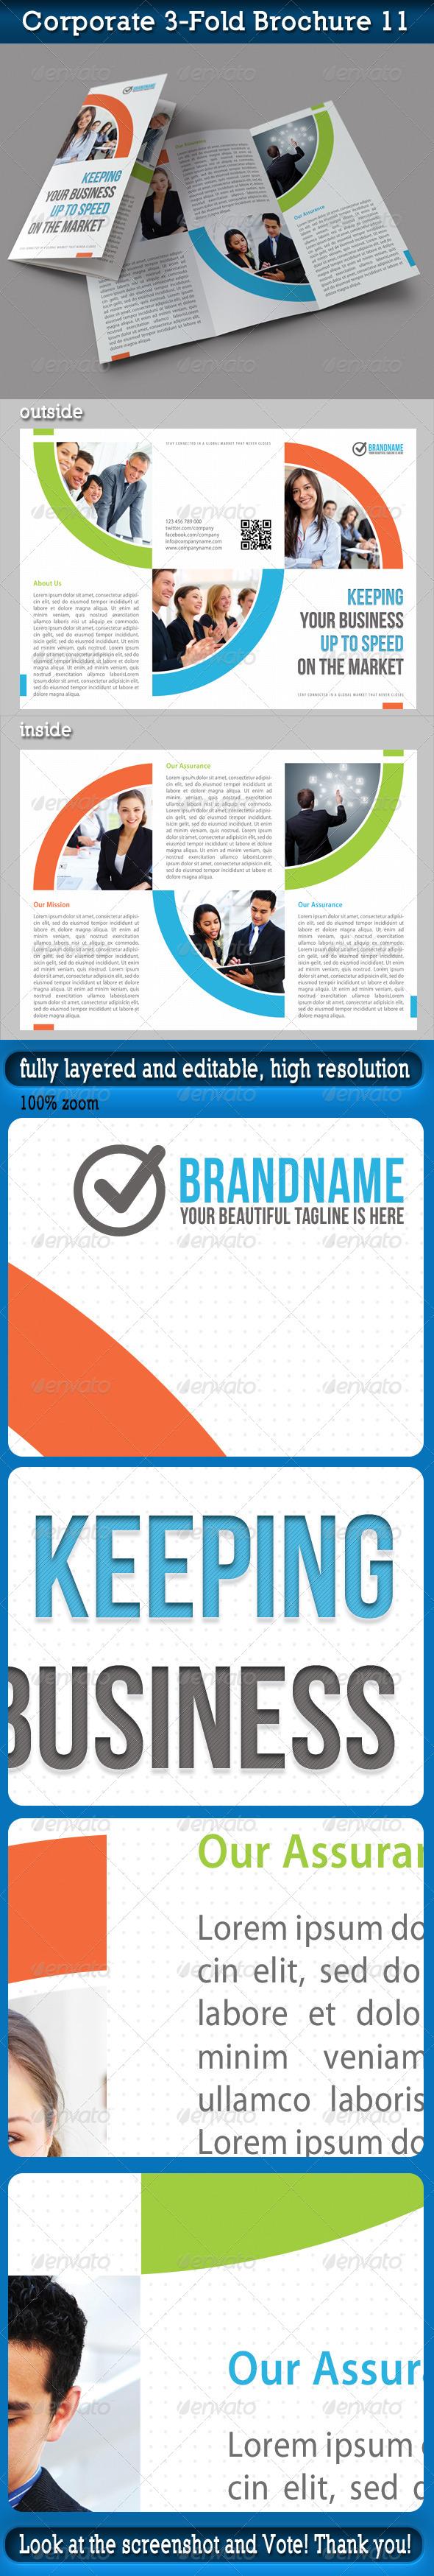 Corporate 3-Fold Brochure 11 - Corporate Brochures